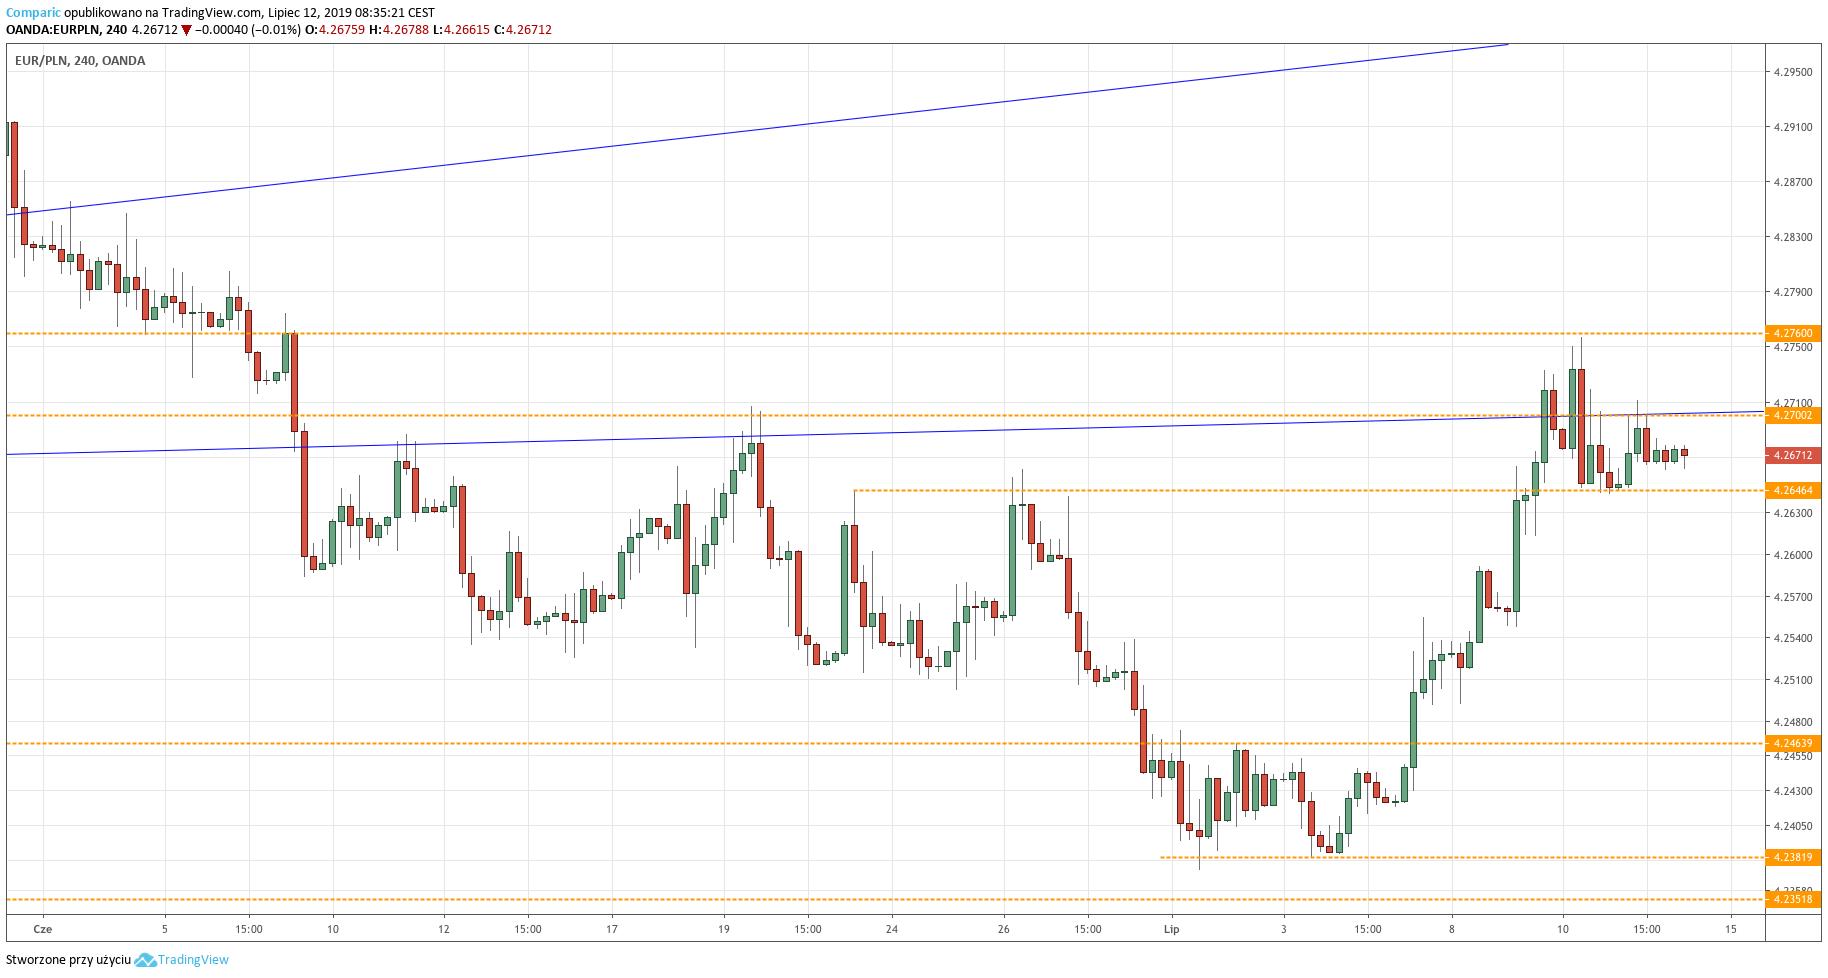 Kurs euro do złotego (EUR/PLN) - wykres 4-godzinny - 12 lipca 2019